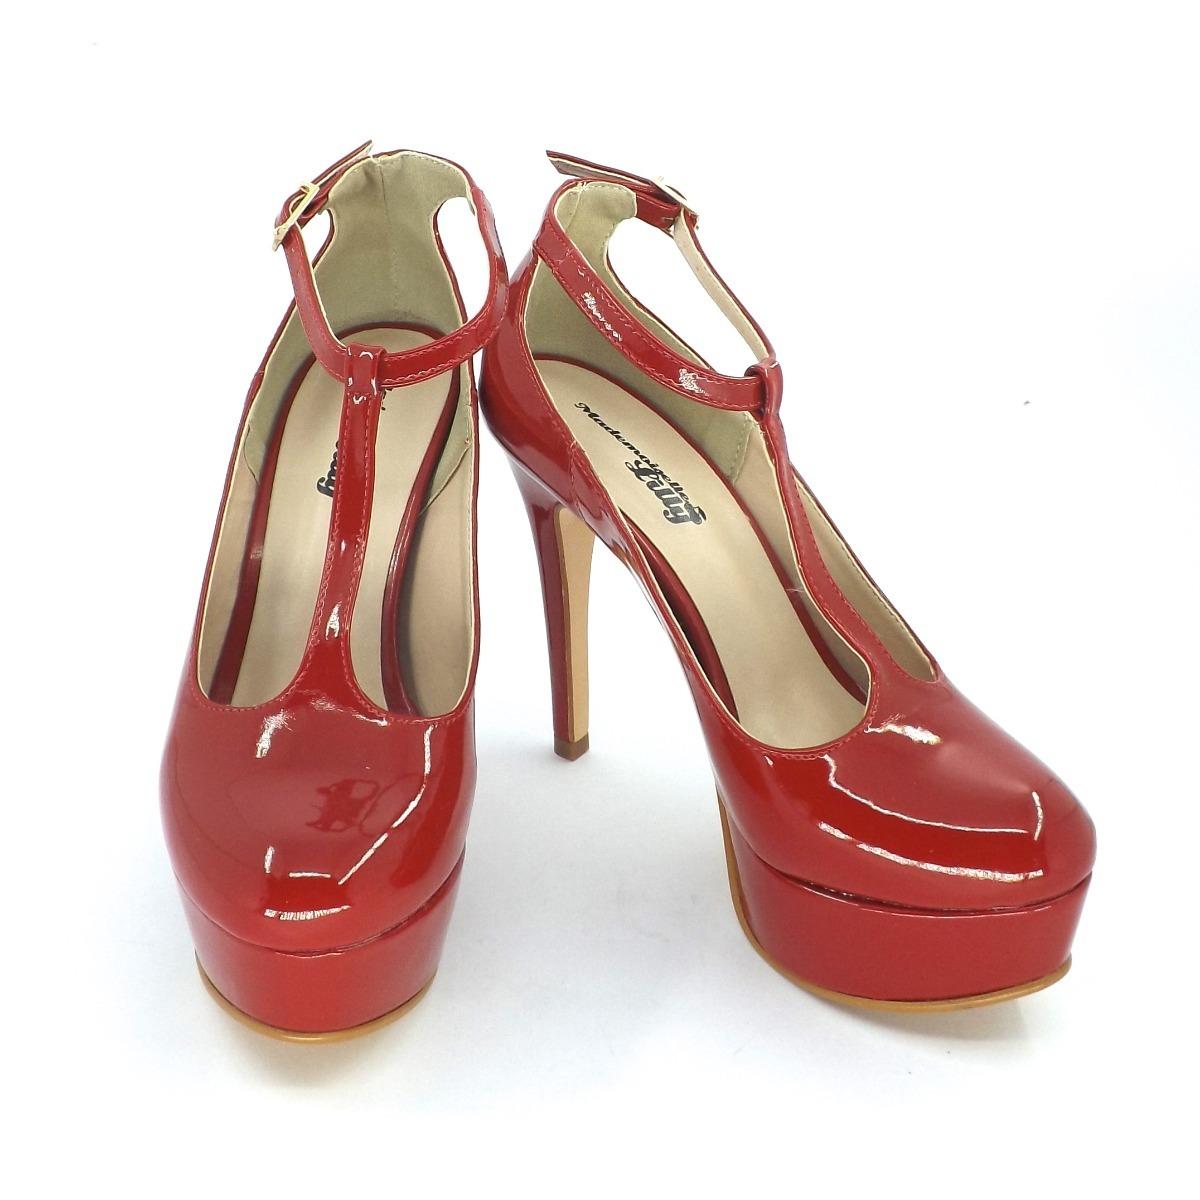 4a09435dba sapato boneca salto alto fino - vermelho. Carregando zoom.